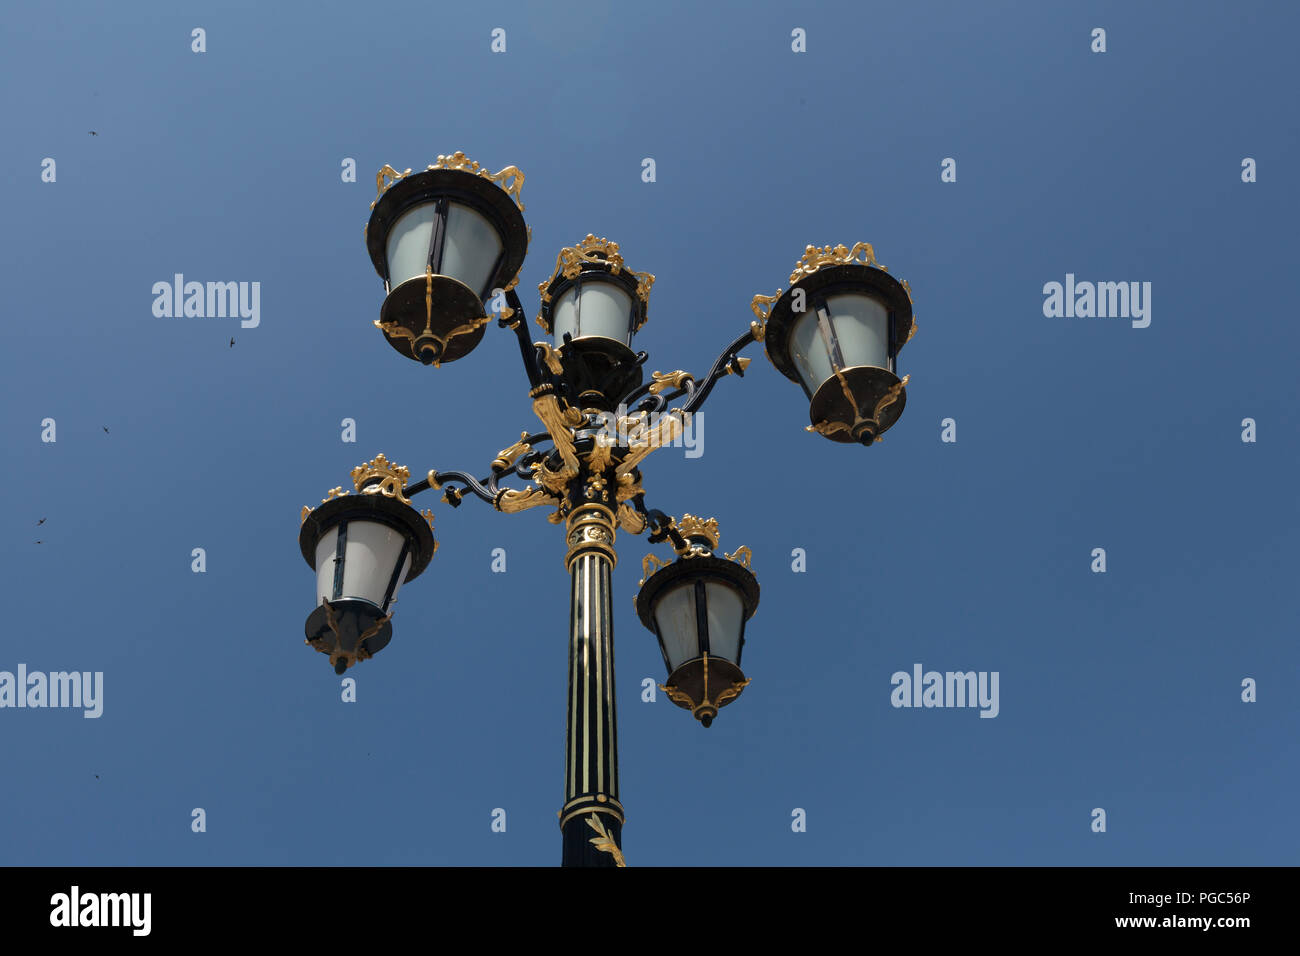 La luce post con cielo blu sullo sfondo. vintage outdoor luci di